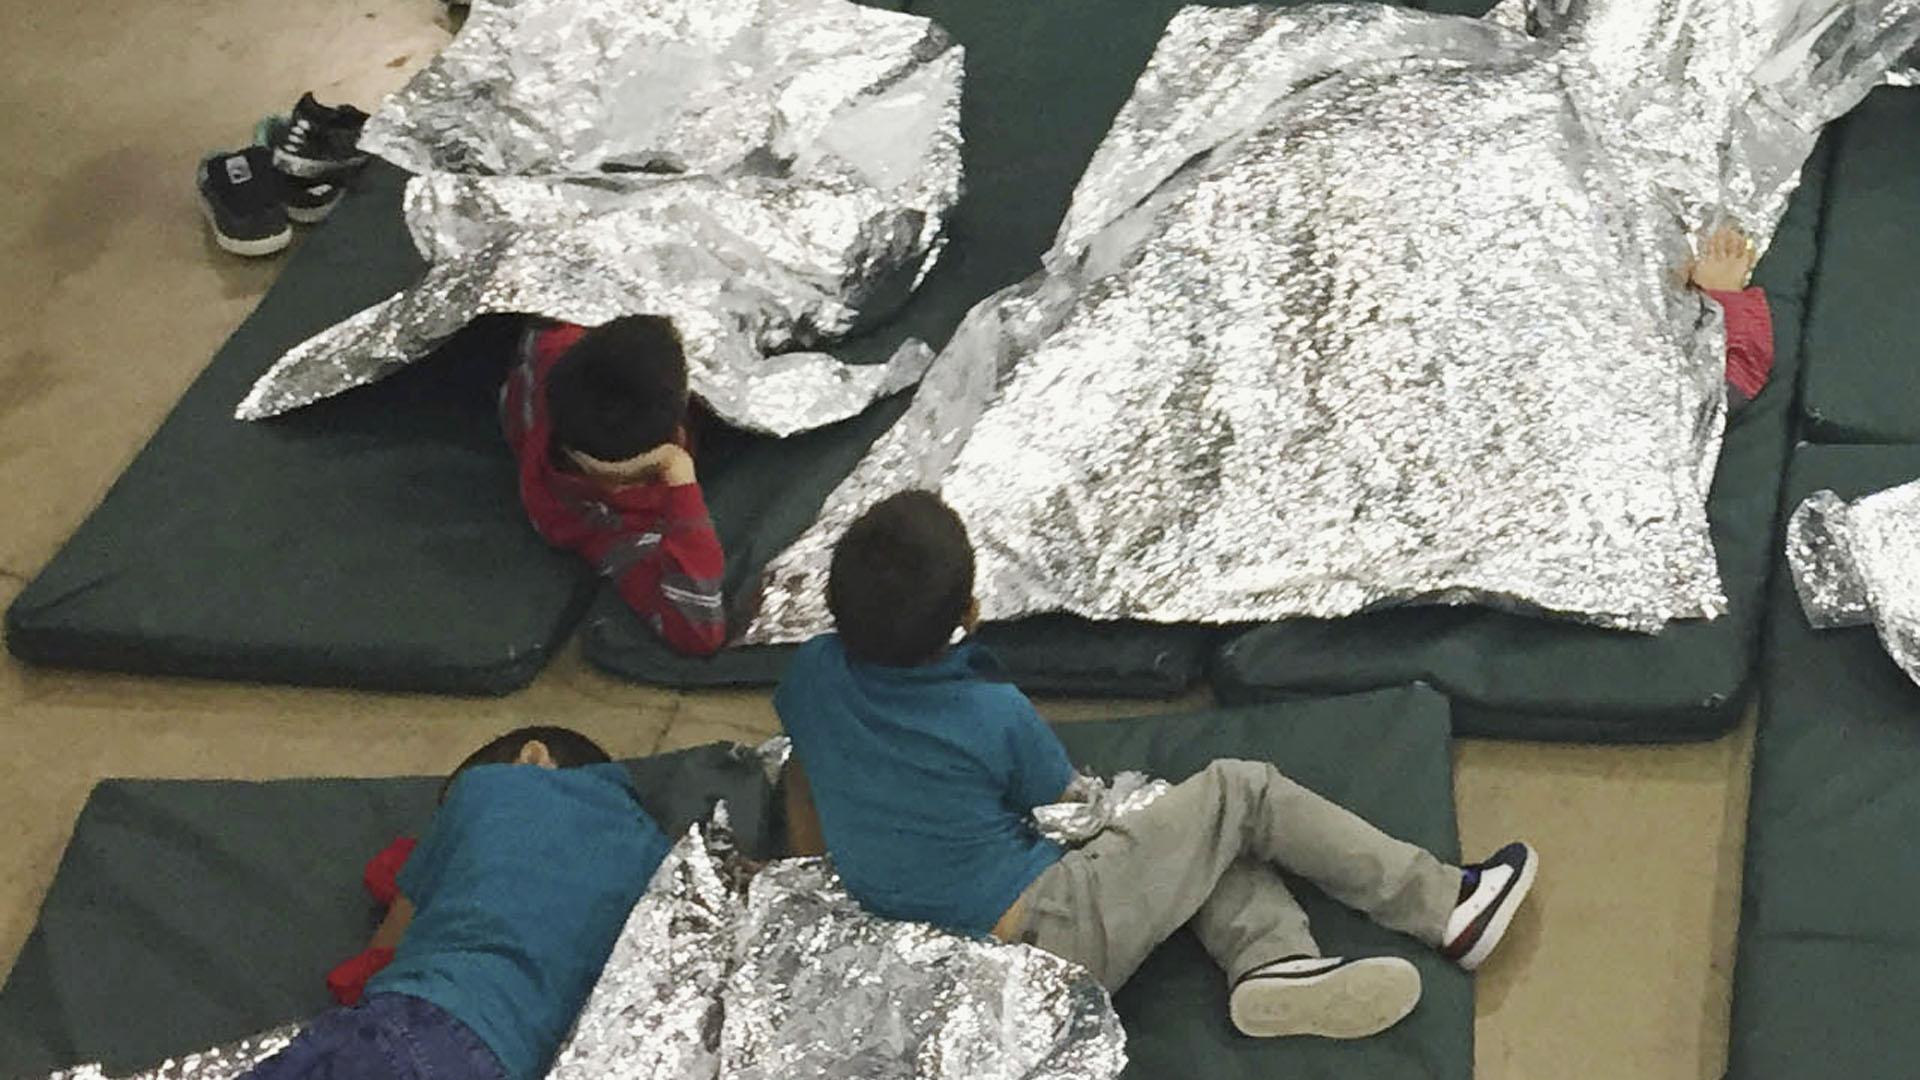 ProPublica revela un audio de desgarradoras voces de niños migrantes